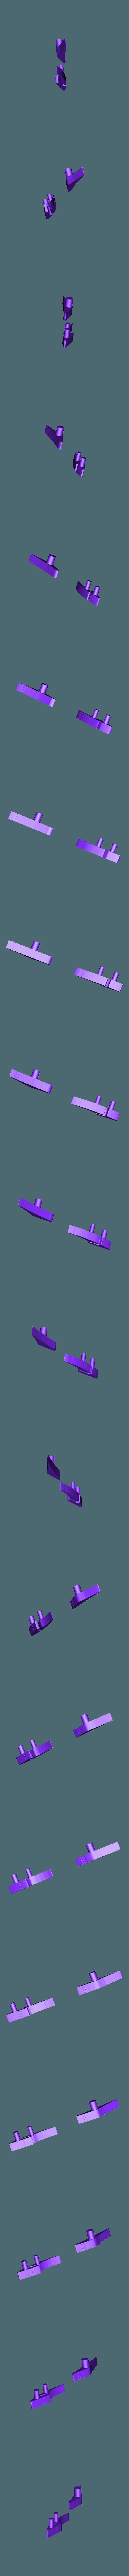 lado izquierdo.stl Télécharger fichier STL gratuit Détenteur d'un téléphone portable Iron Man • Design pour impression 3D, Aslan3d